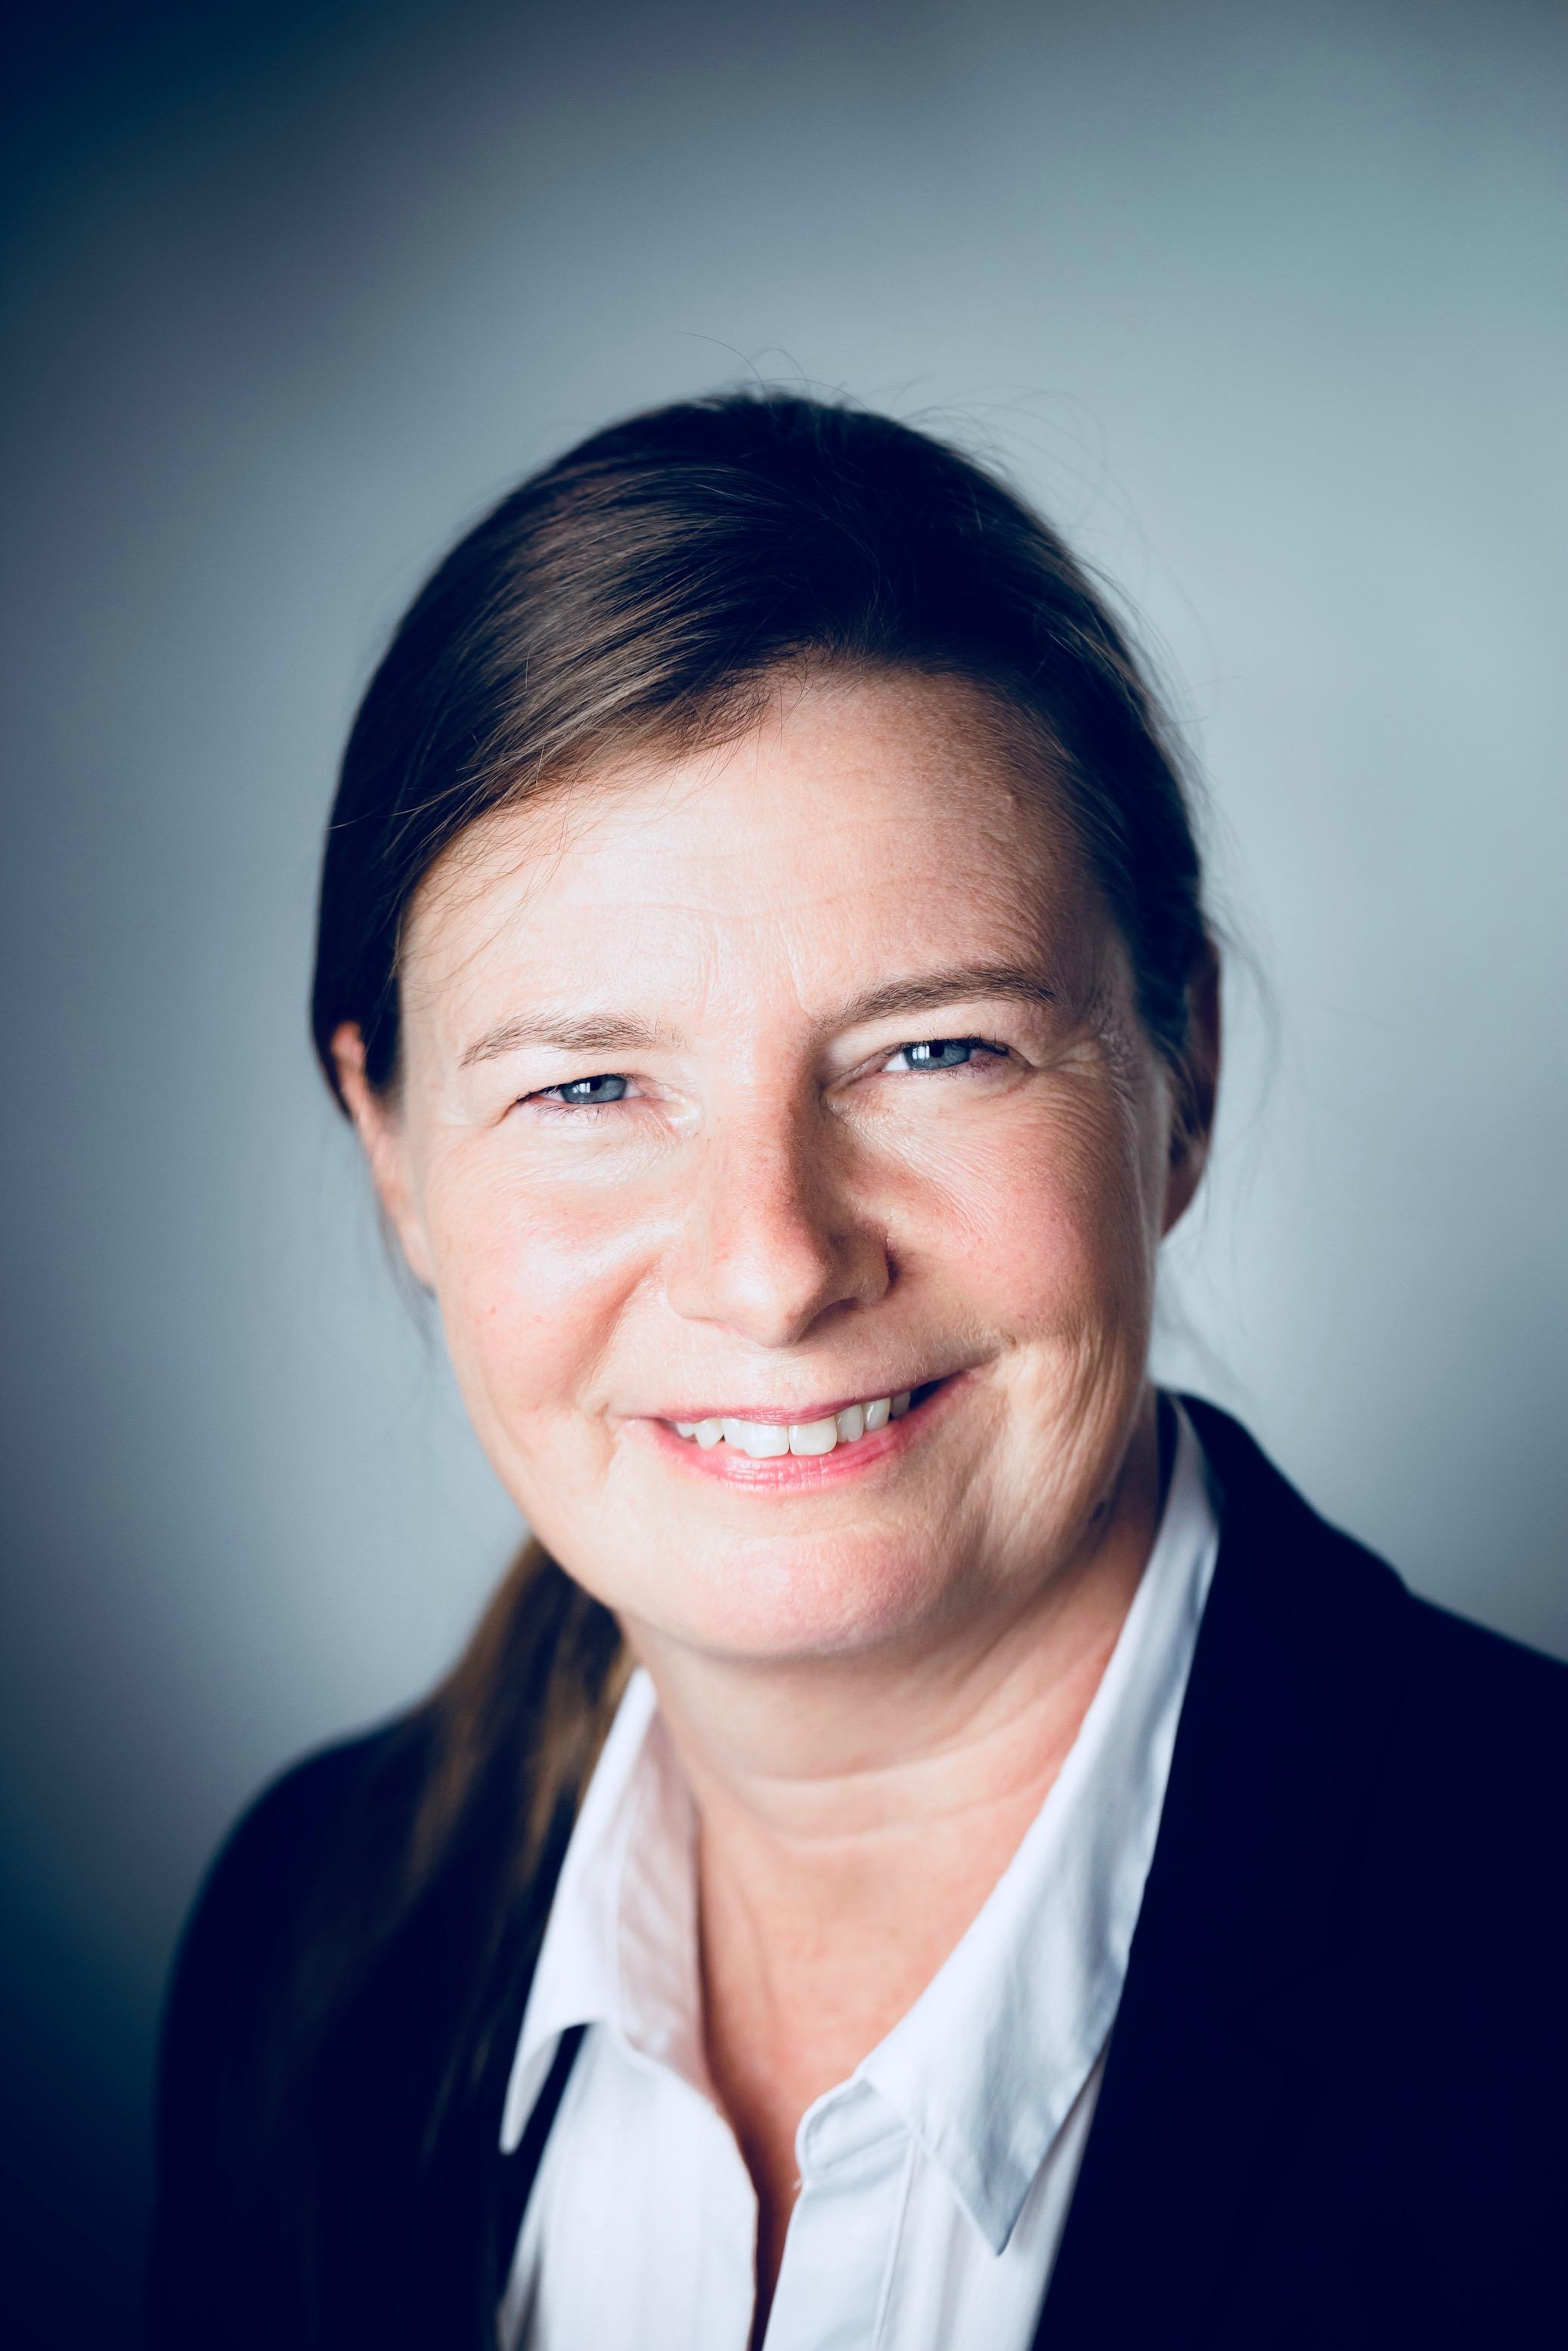 Andrea Hollweg